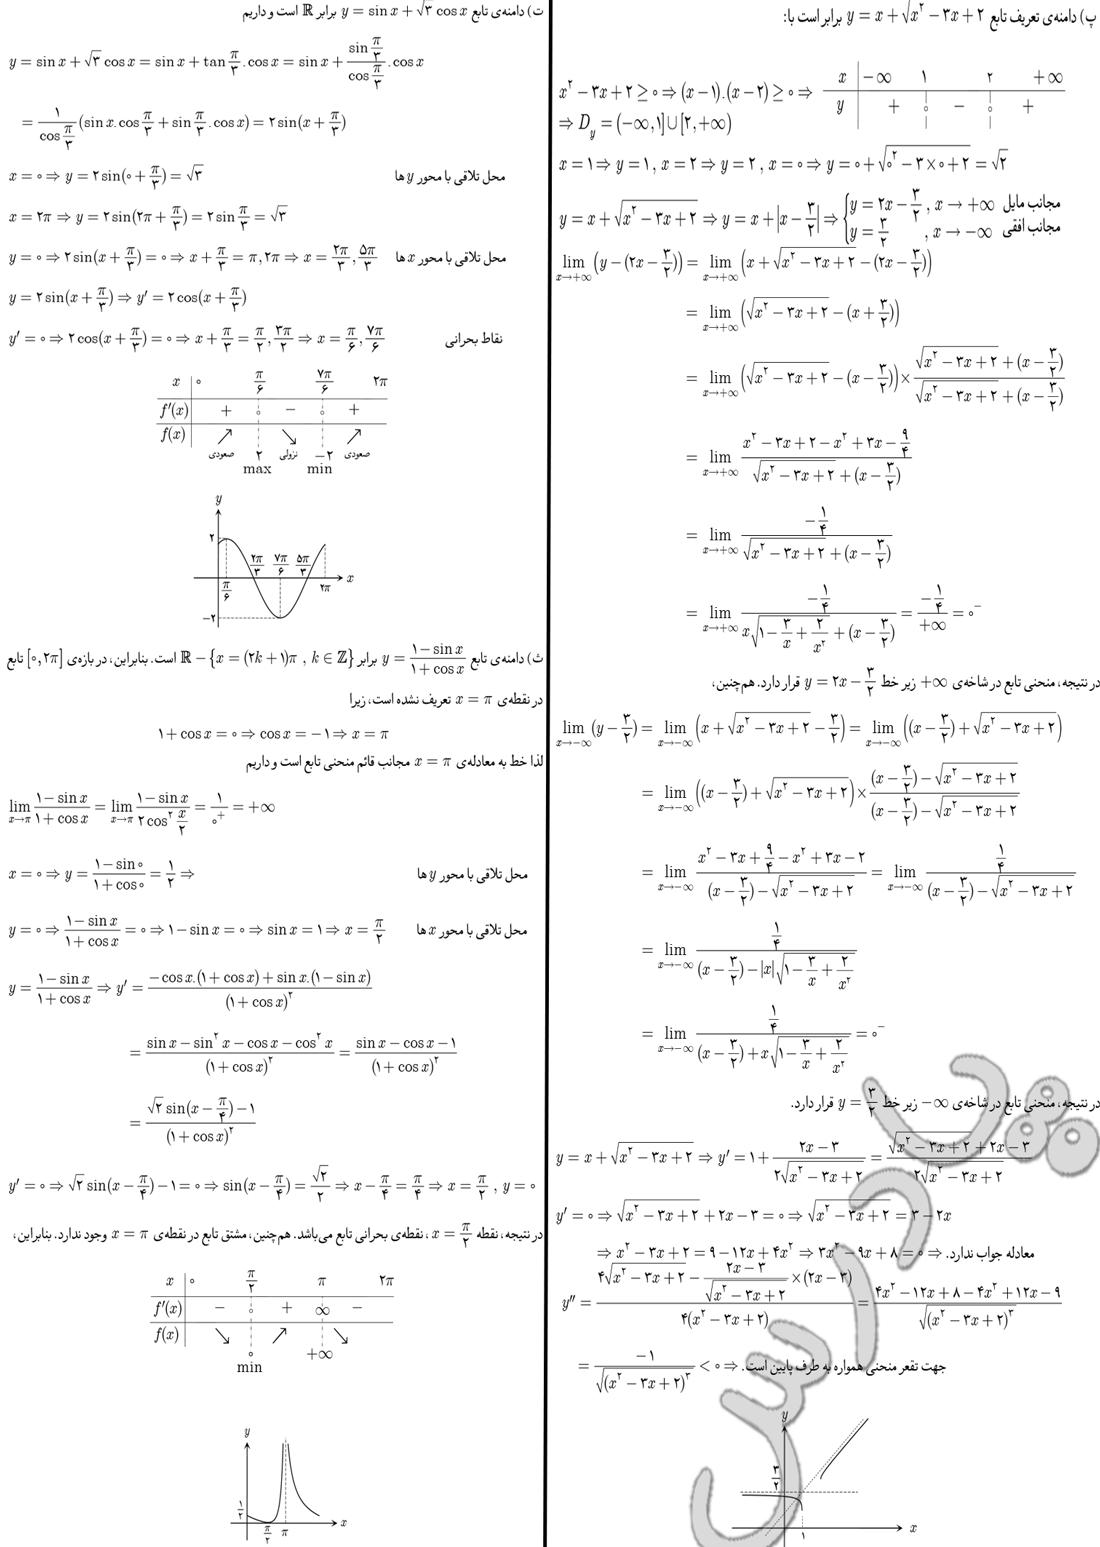 ادامه حل مسائل صفحه 210 دیفرانسیل پیش دانشگاهی